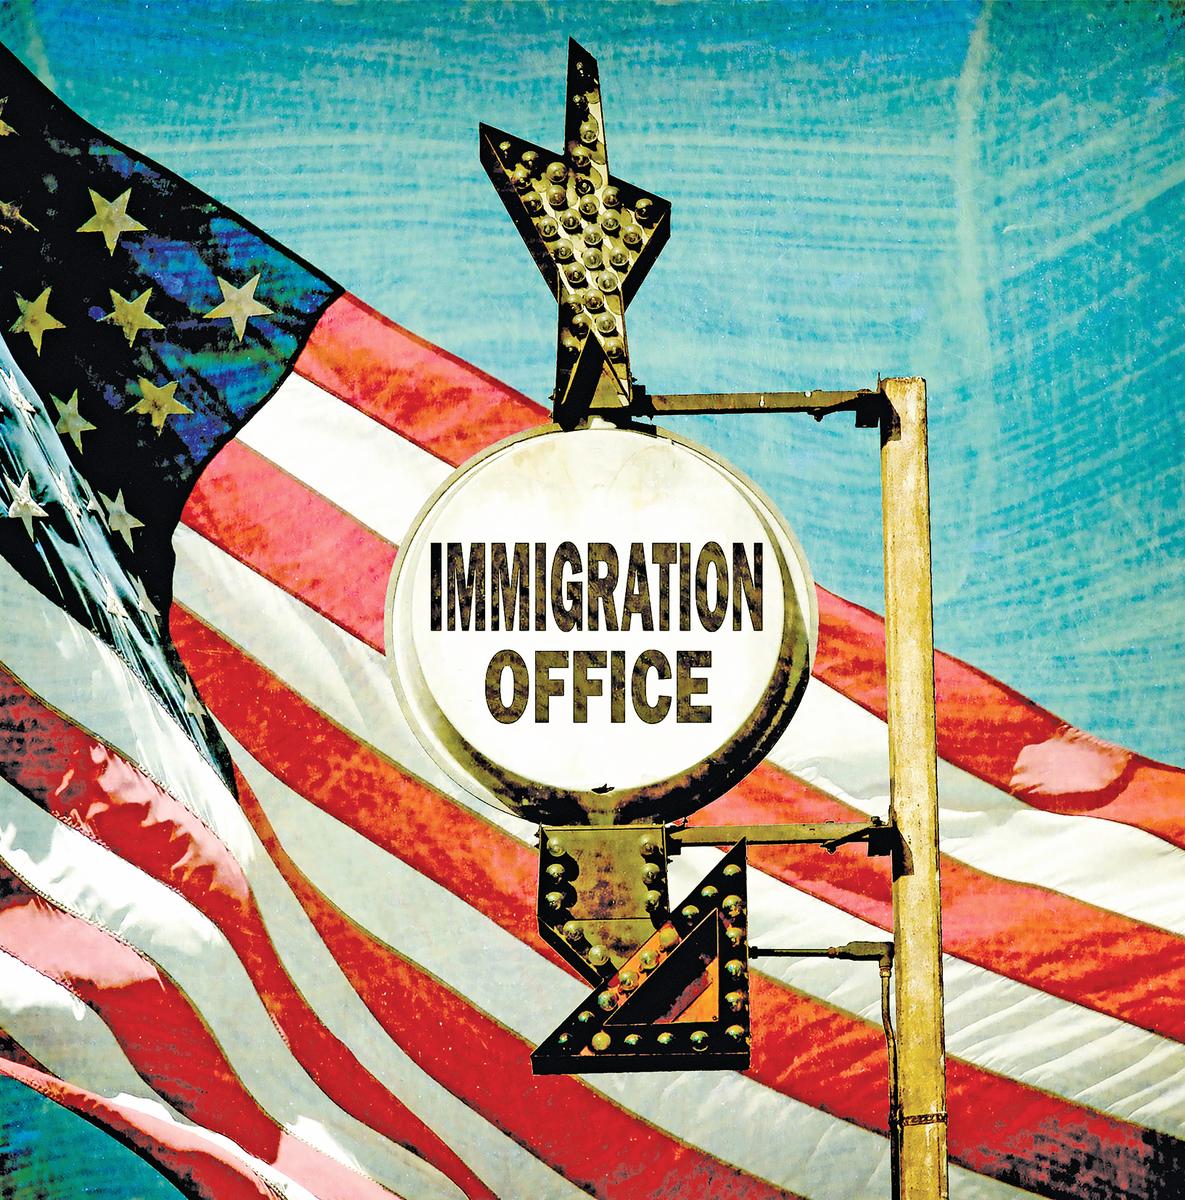 待審移民案件達到「天文數字」,成為限制美國移民局有效履行職能的一大障礙。(Fotolia)